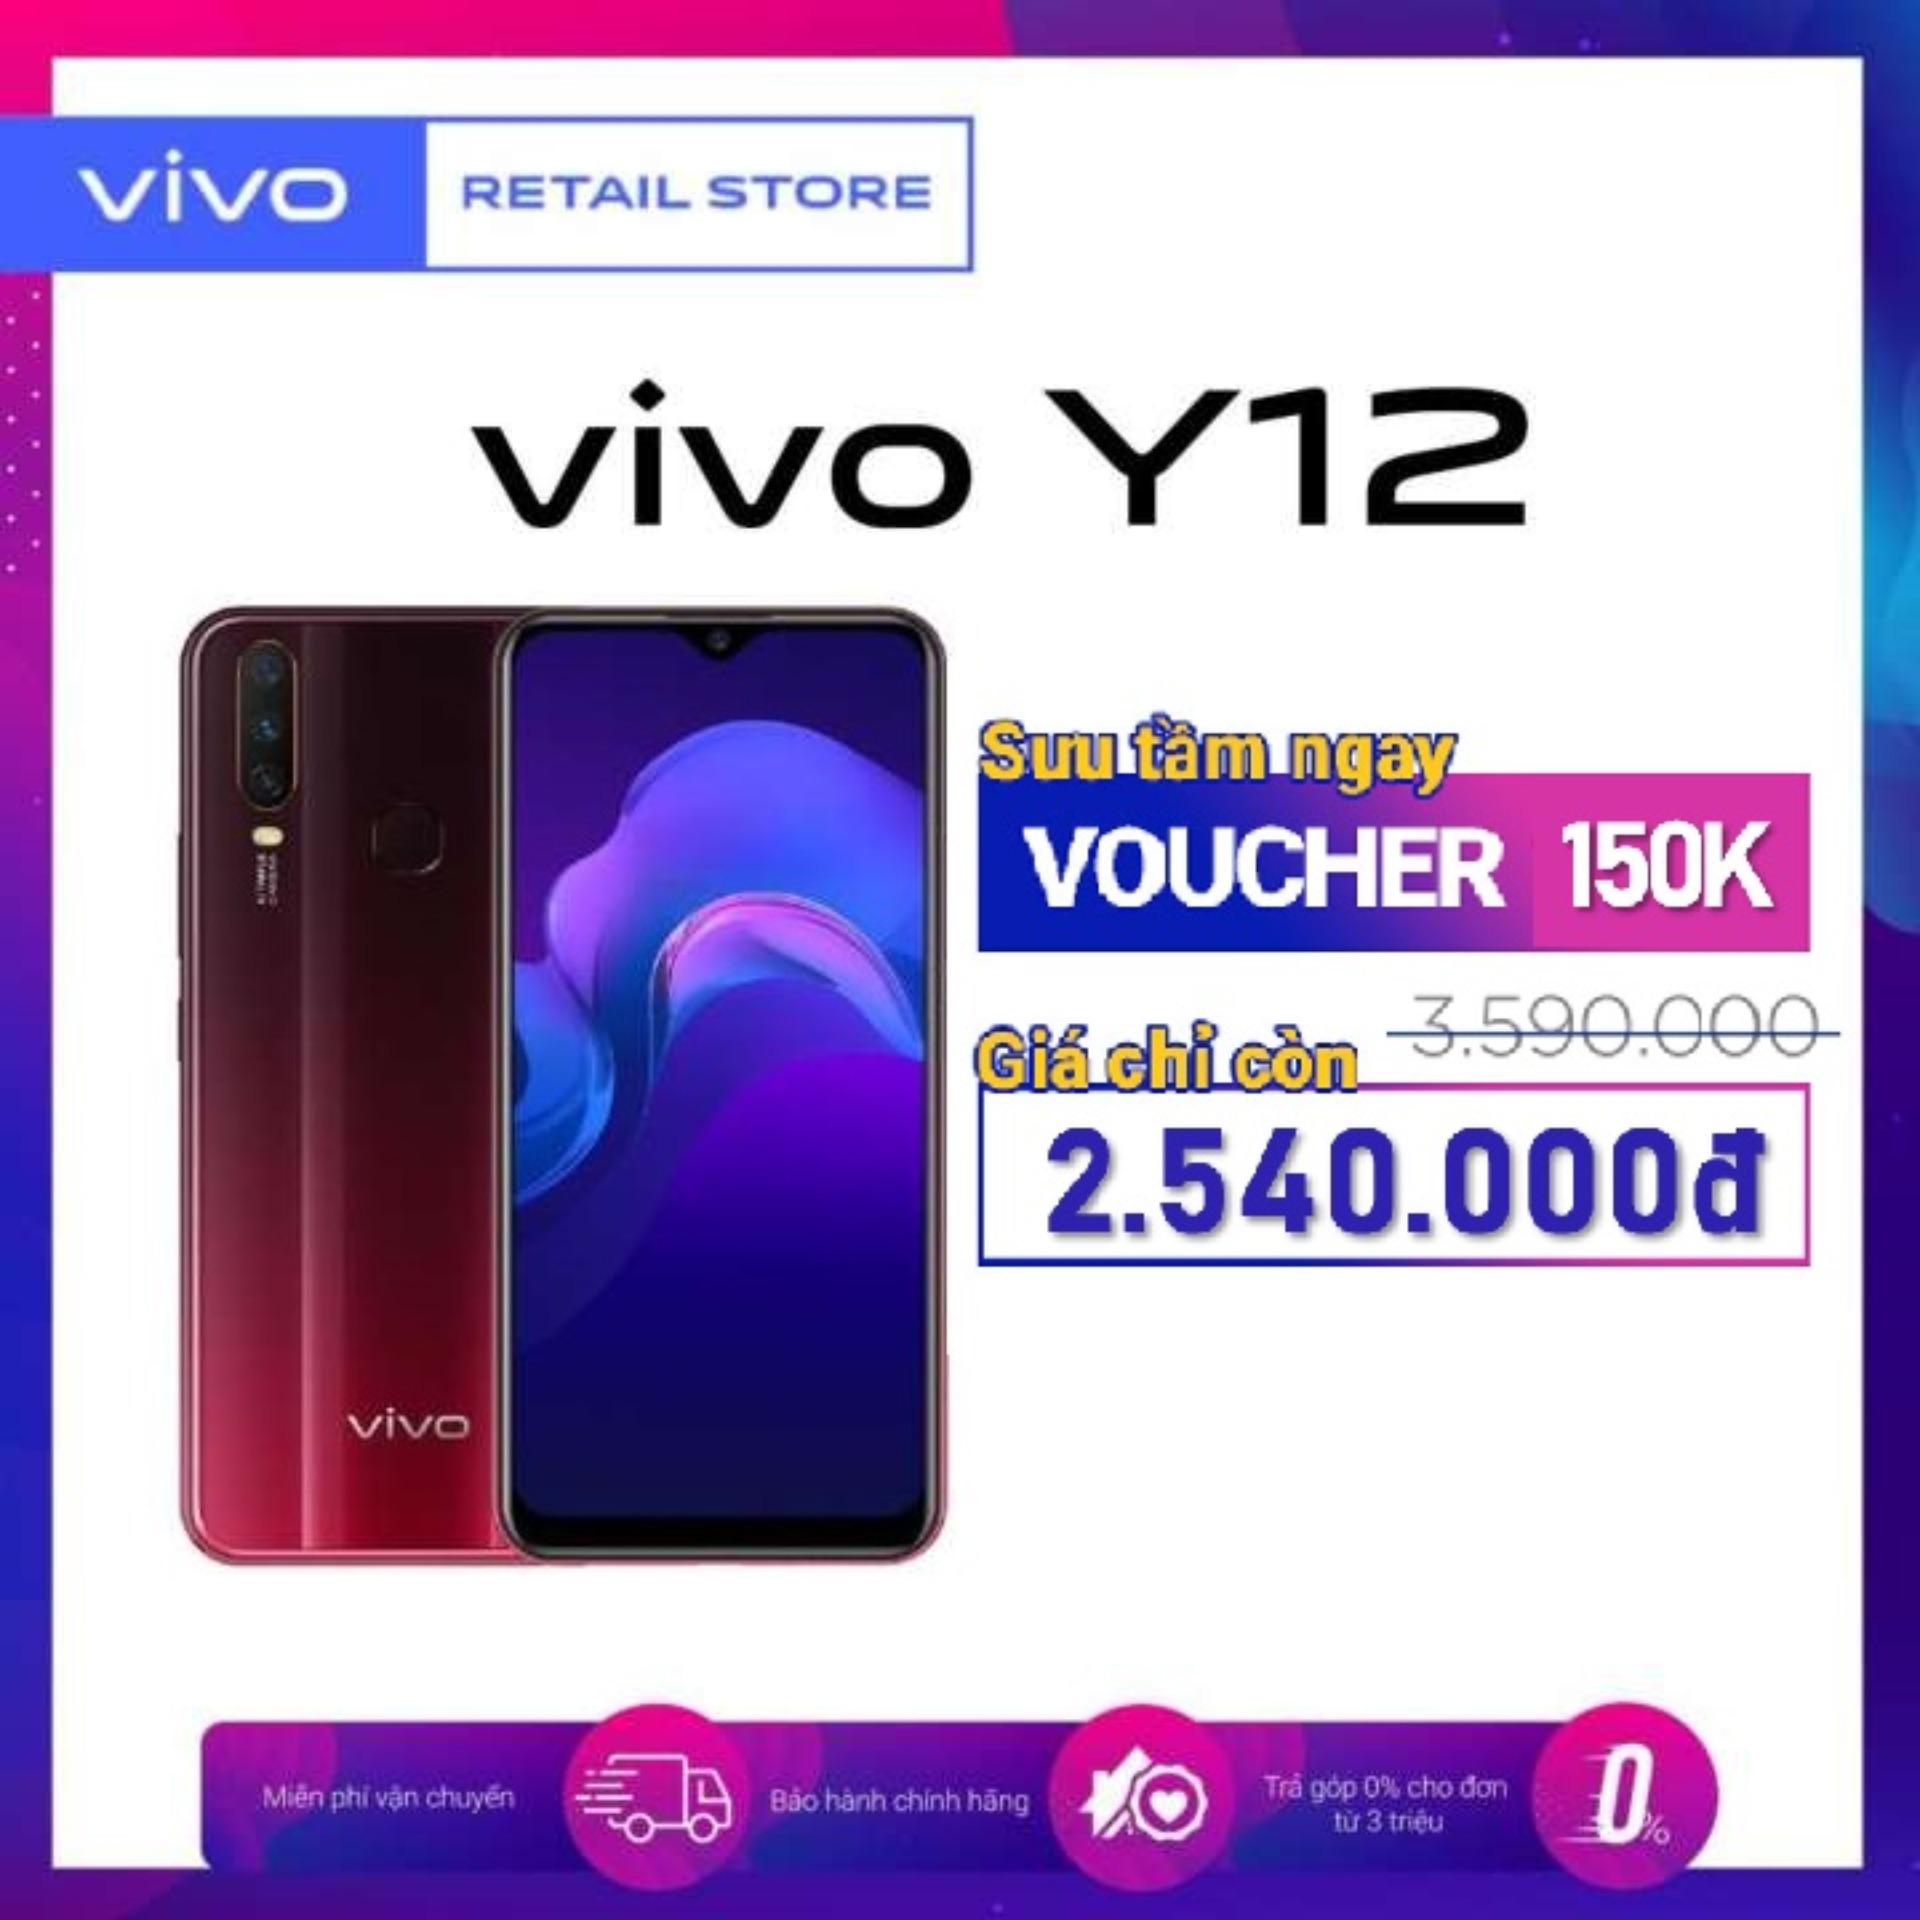 BẢO HÀNH CHÍNH HÃNG 12 THÁNG Điện thoại Vivo Y12 (3GB/64GB) - Pin 5000mAh 3 camera sau 13MP Camera trước 8MP Màn hình 6.35'' 2 Nano SIM - Hàng chính hãng bảo hành 12 tháng